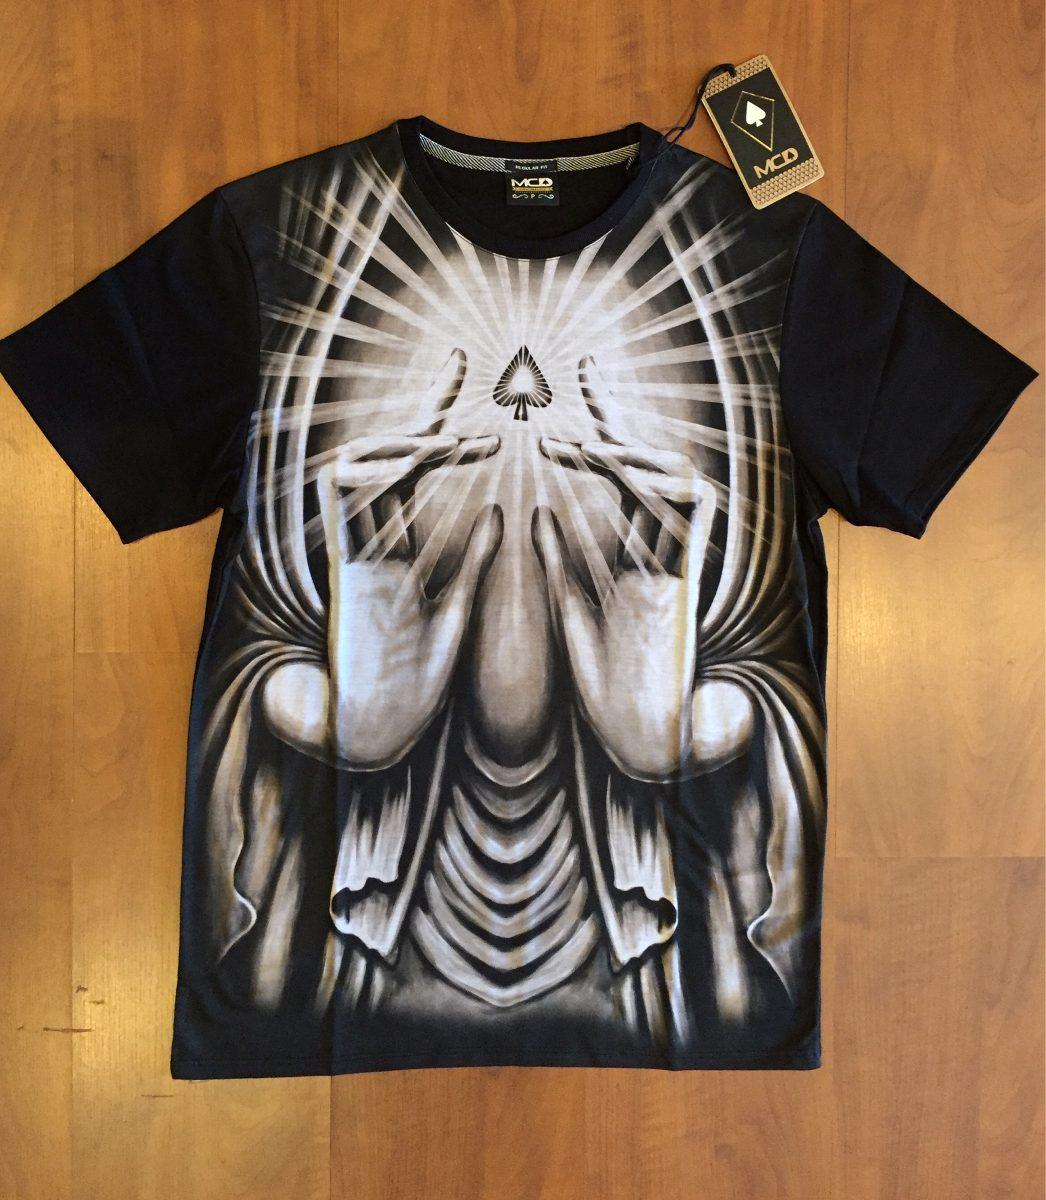 Camiseta Mcd Especial Holy Hands Colecao Nova Verão 16 17 - R  130 ... 76ecc884e70